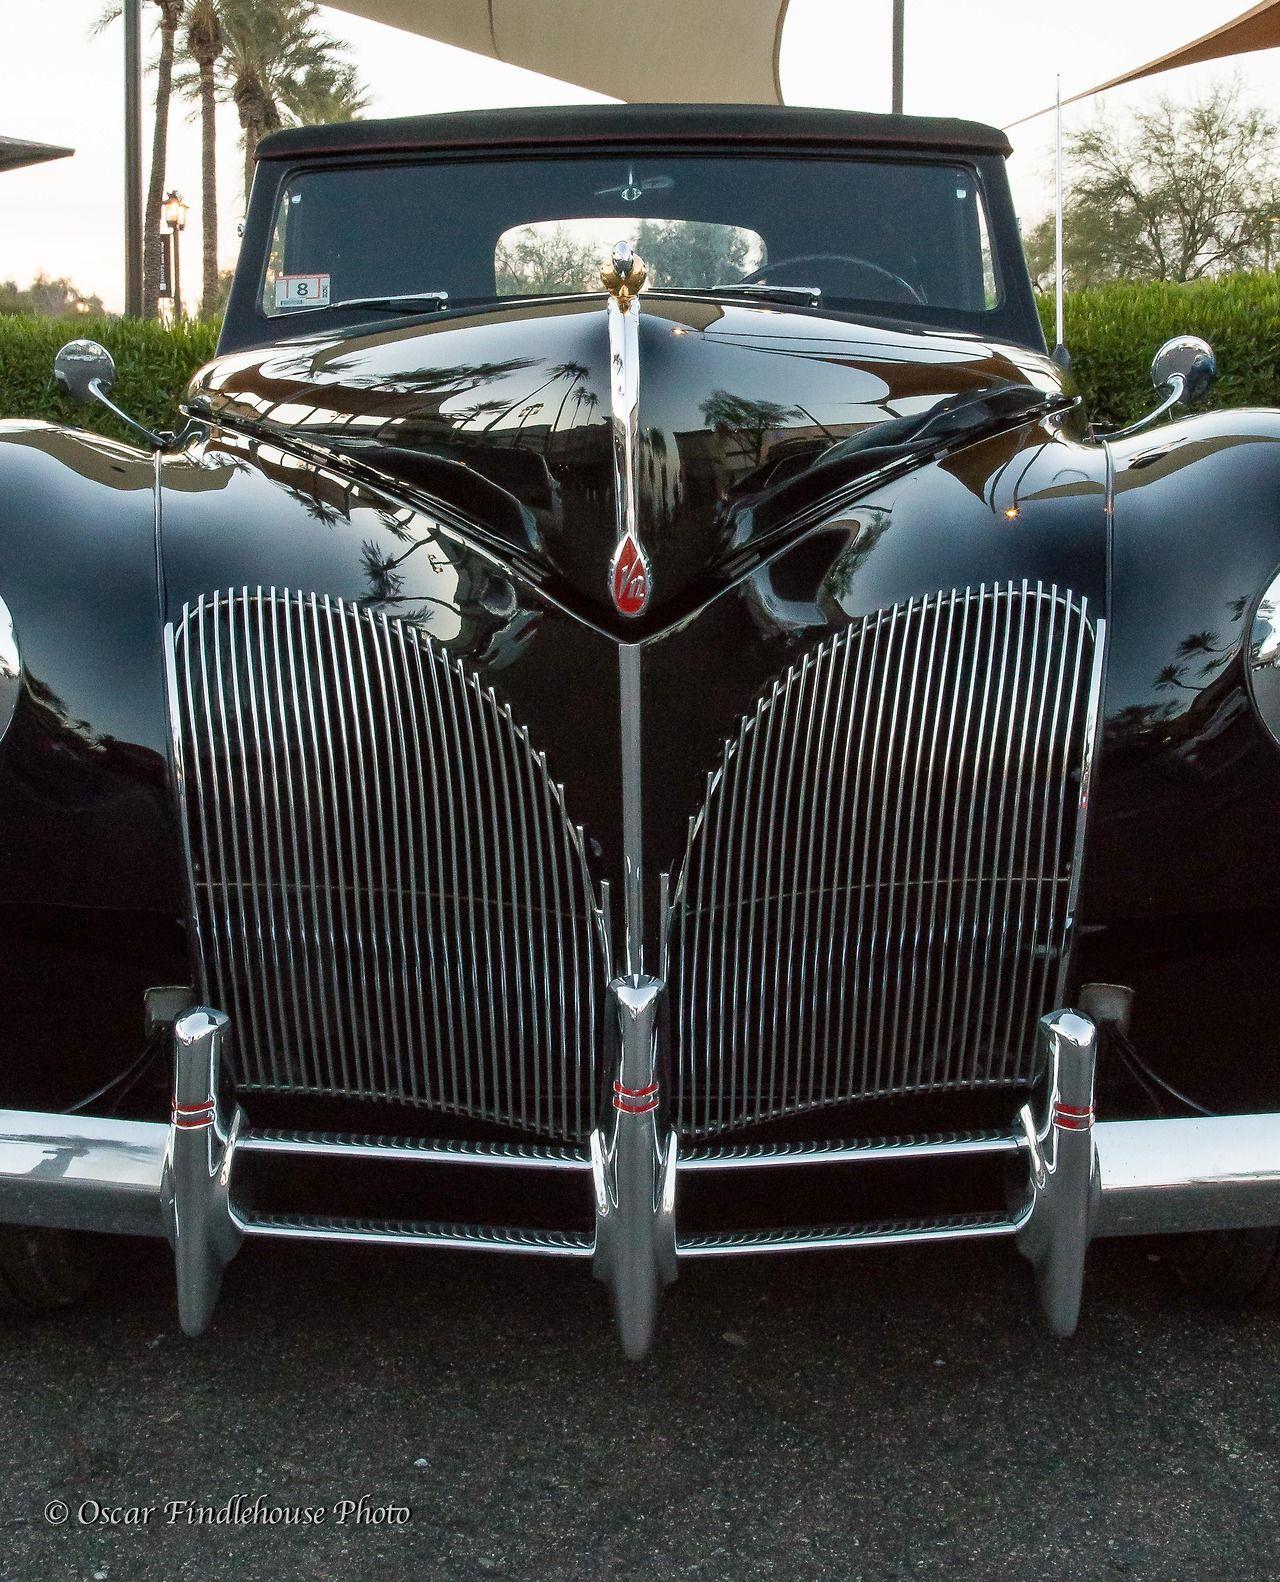 Ford Zephyr, Car Photos, Cool Cars